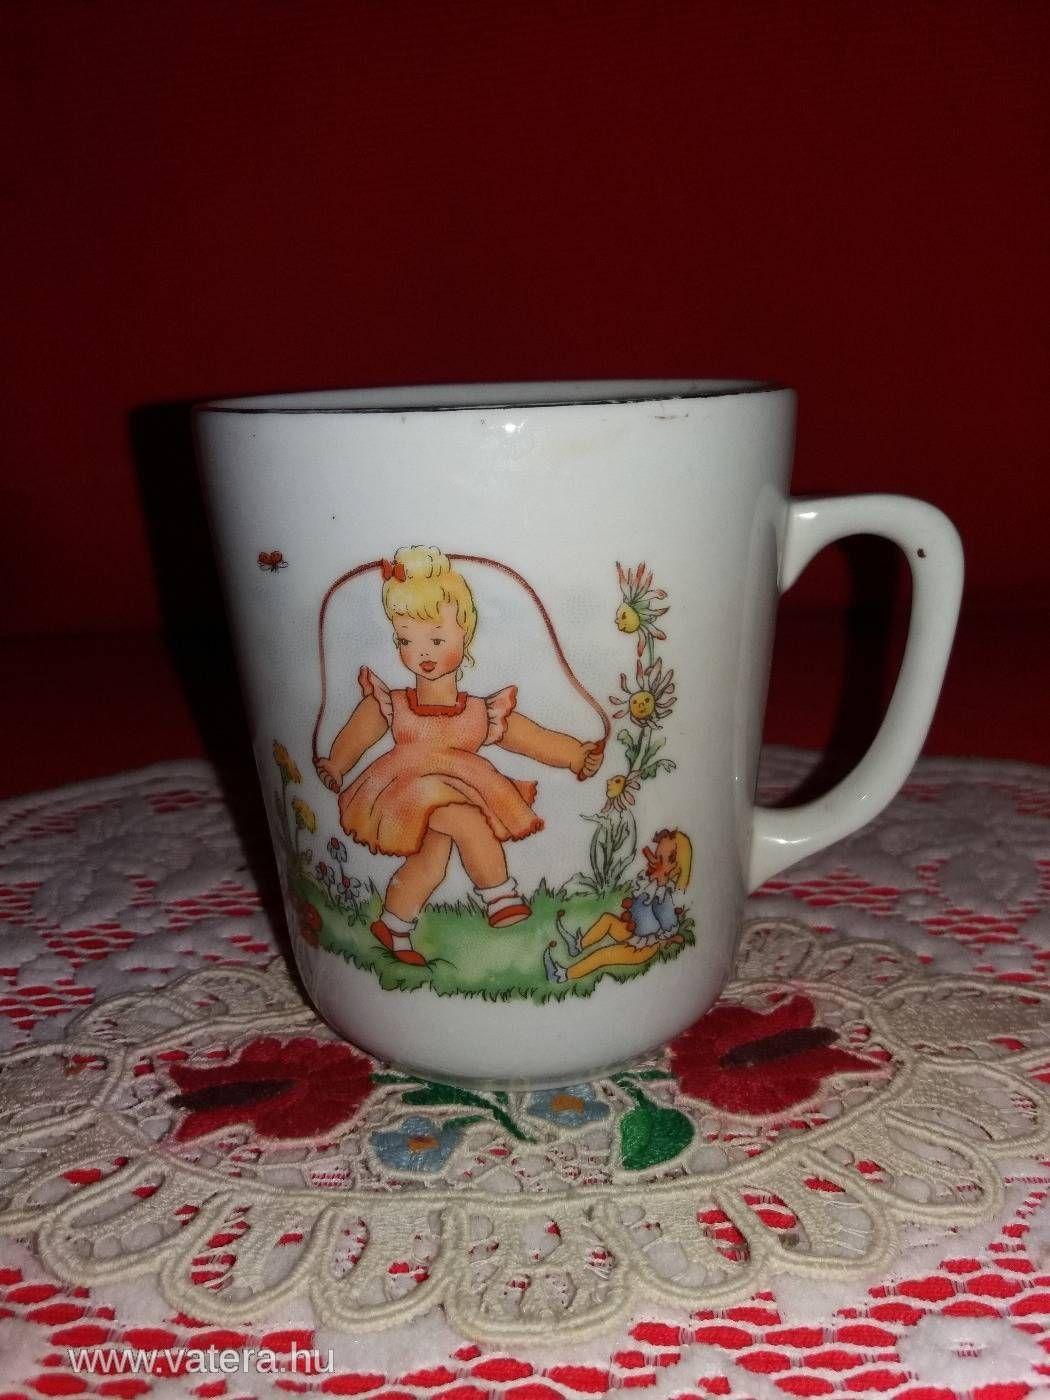 fd3a6293a3 Antik Zsolnay porcelán gyermek mese bögre   Art of Porcelain and ...